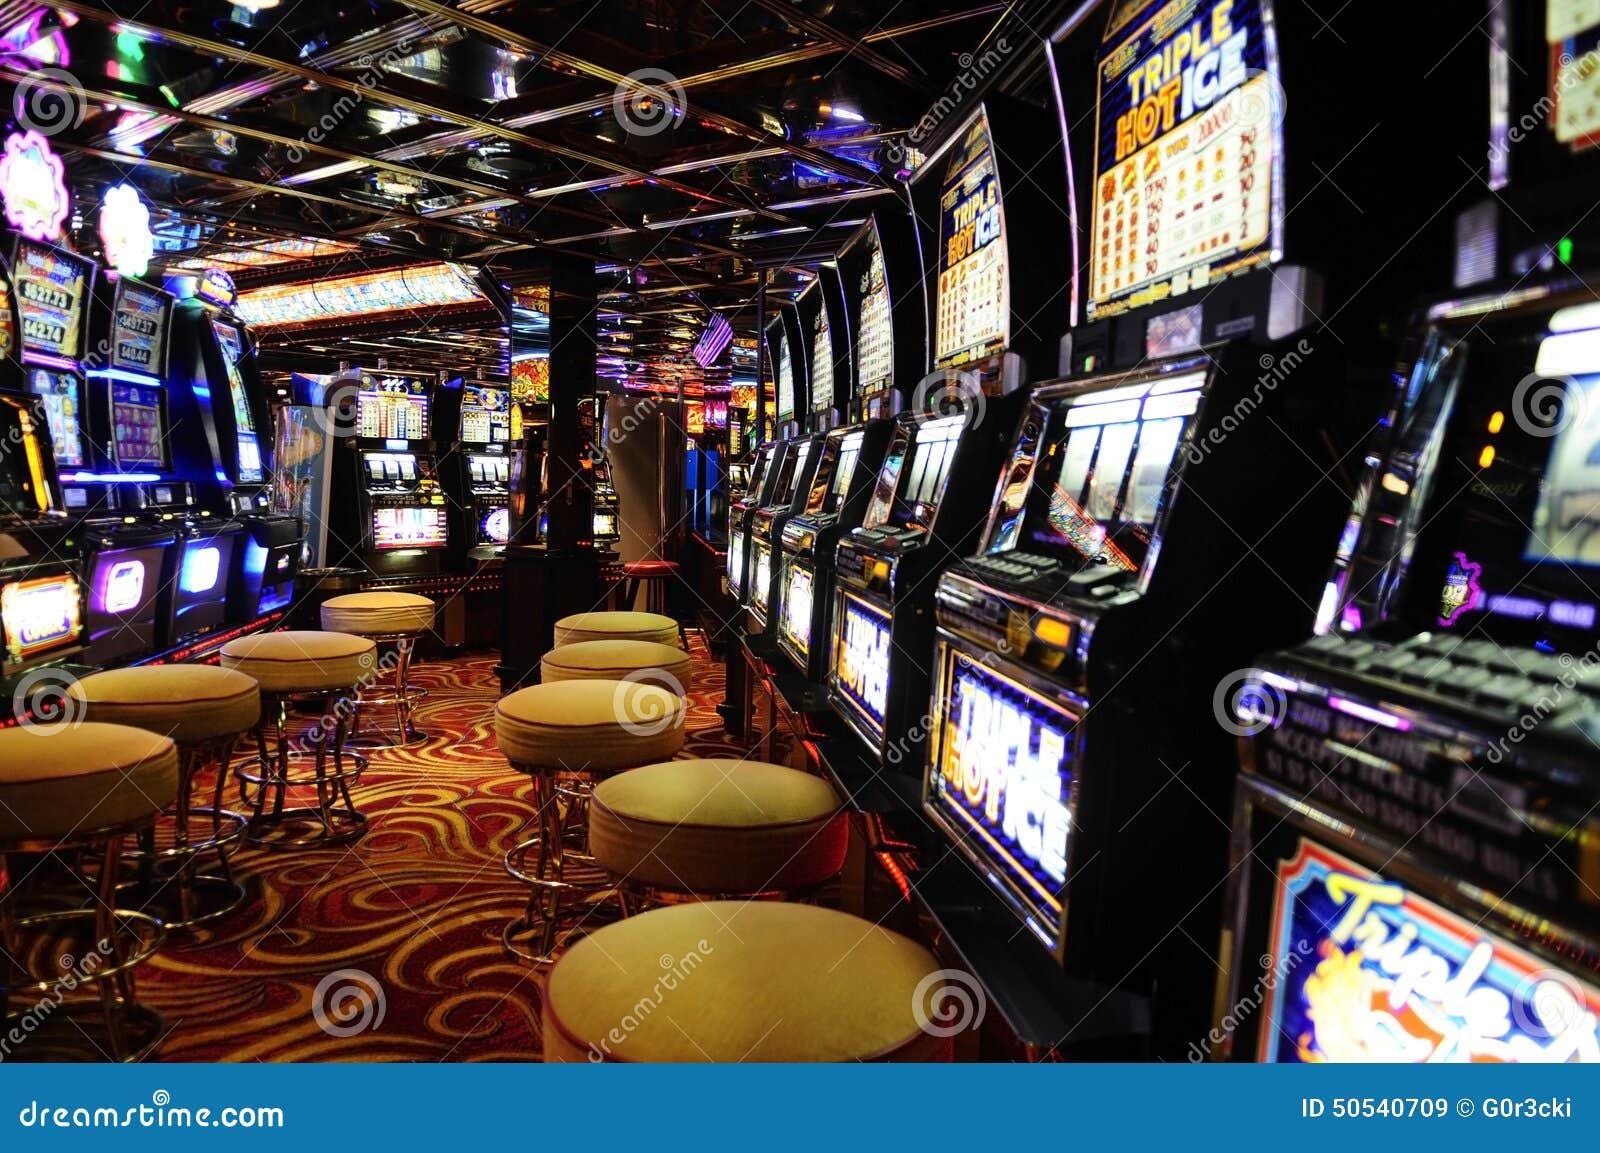 Slot Machines Casino Interior Cash Games Revenue